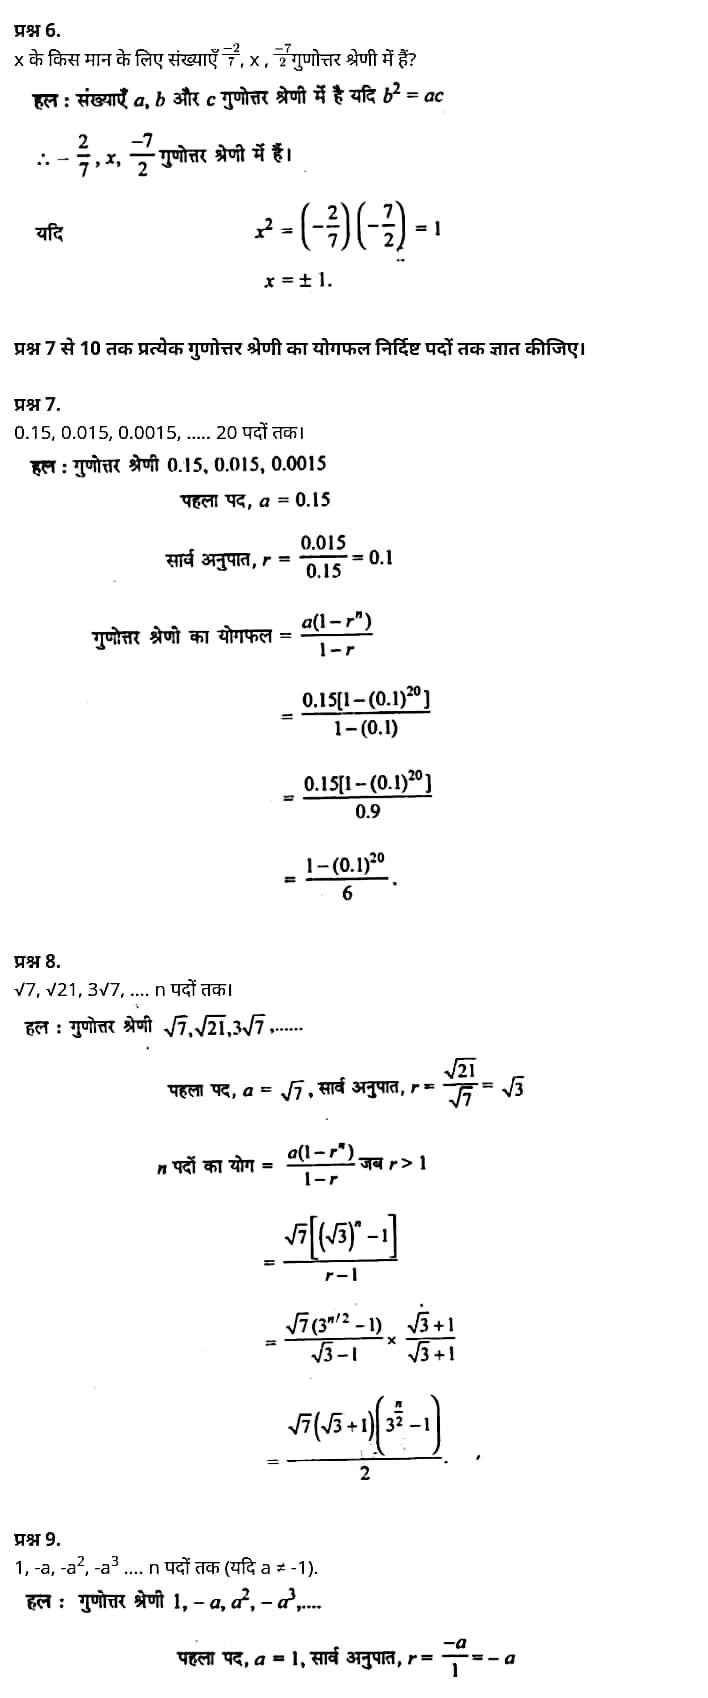 Class 11 matha Chapter 9,  class 11 matha chapter 9, ncert solutions in hindi,  class 11 matha chapter 9, notes in hindi,  class 11 matha chapter 9, question answer,  class 11 matha chapter 9, notes,  11 class matha chapter 9, in hindi,  class 11 matha chapter 9, in hindi,  class 11 matha chapter 9, important questions in hindi,  class 11 matha notes in hindi,   matha class 11 notes pdf,  matha Class 11 Notes 2021 NCERT,  matha Class 11 PDF,  matha book,  matha Quiz Class 11,  11th matha book up board,  up Board 11th matha Notes,  कक्षा 11 मैथ्स अध्याय 9,  कक्षा 11 मैथ्स का अध्याय 9, ncert solution in hindi,  कक्षा 11 मैथ्स के अध्याय 9, के नोट्स हिंदी में,  कक्षा 11 का मैथ्स अध्याय 9, का प्रश्न उत्तर,  कक्षा 11 मैथ्स अध्याय 9, के नोट्स,  11 कक्षा मैथ्स अध्याय 9, हिंदी में,  कक्षा 11 मैथ्स अध्याय 9, हिंदी में,  कक्षा 11 मैथ्स अध्याय 9, महत्वपूर्ण प्रश्न हिंदी में,  कक्षा 11 के मैथ्स के नोट्स हिंदी में,  मैथ्स कक्षा 11 नोट्स pdf,  मैथ्स कक्षा 11 नोट्स 2021 NCERT,  मैथ्स कक्षा 11 PDF,  मैथ्स पुस्तक,  मैथ्स की बुक,  मैथ्स प्रश्नोत्तरी Class 11, 11 वीं मैथ्स पुस्तक up board,  बिहार बोर्ड 11 वीं मैथ्स नोट्स,   कक्षा 11 गणित अध्याय 9,  कक्षा 11 गणित का अध्याय 9, ncert solution in hindi,  कक्षा 11 गणित के अध्याय 9, के नोट्स हिंदी में,  कक्षा 11 का गणित अध्याय 9, का प्रश्न उत्तर,  कक्षा 11 गणित अध्याय 9, के नोट्स,  11 कक्षा गणित अध्याय 9, हिंदी में,  कक्षा 11 गणित अध्याय 9, हिंदी में,  कक्षा 11 गणित अध्याय 9, महत्वपूर्ण प्रश्न हिंदी में,  कक्षा 11 के गणित के नोट्स हिंदी में,